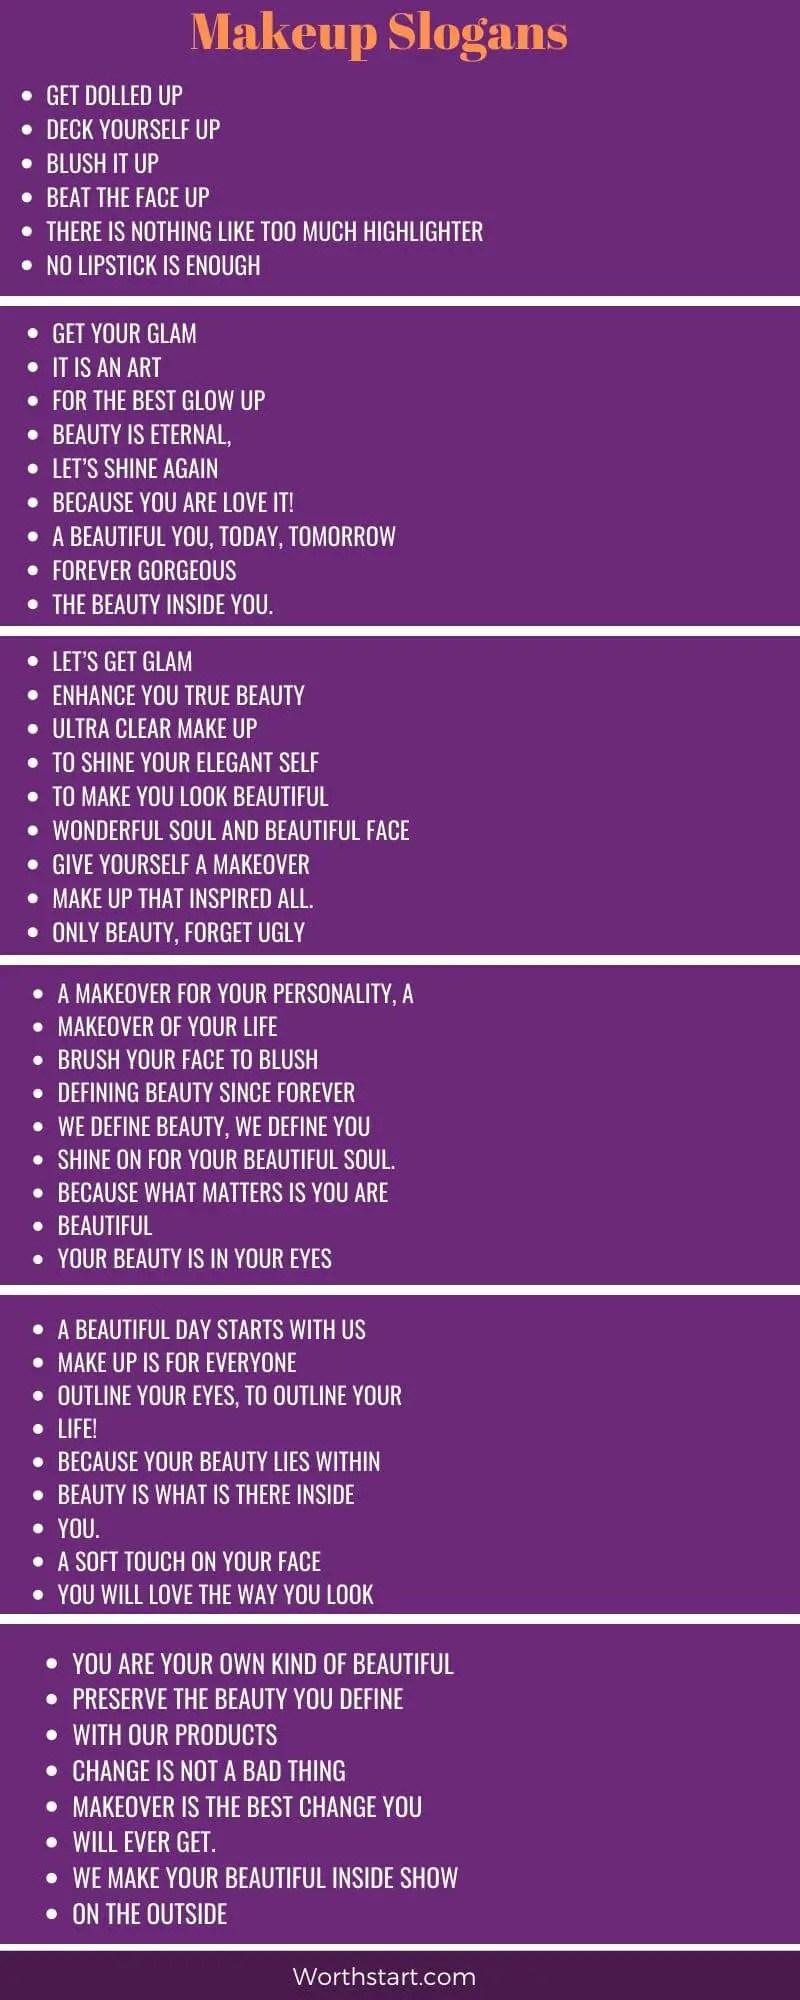 Makeup Slogans: 15+ Best Makeup Artist Slogans and Taglines